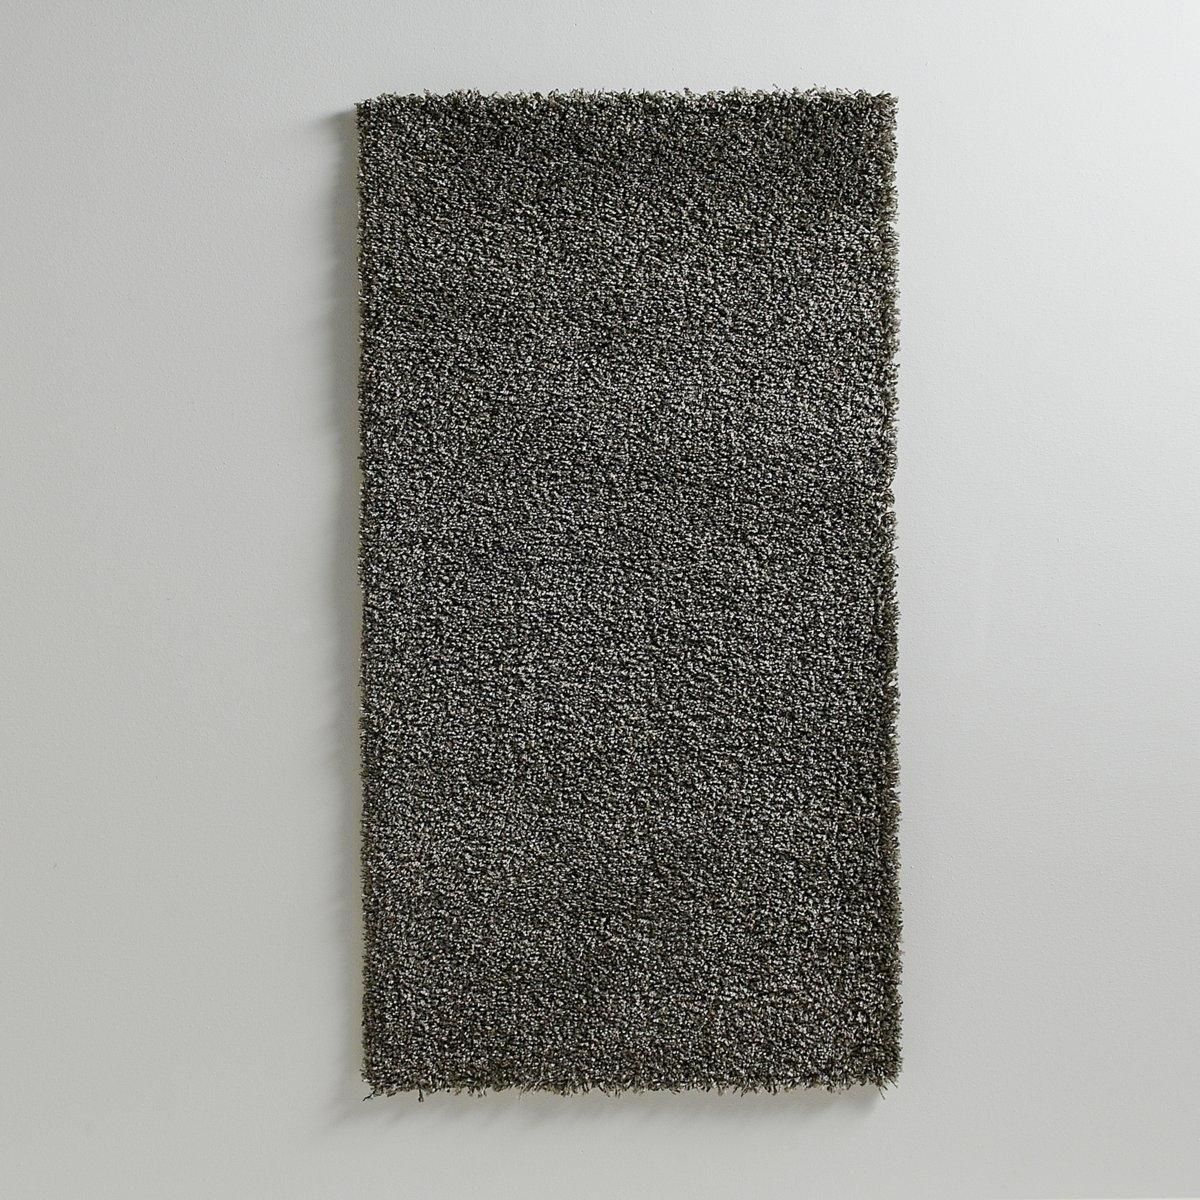 Прикроватный коврик, EfactХарактеристики прикроватного коврика с короткими и блестящими волокнами, Efact :100% полипропилена, с обработкой против клещей.Высота ворса 3 см. Доступны 3 размера коврика на сайте laredoute.ru.Откройте для себя всю коллекцию ковров на сайте laredoute.ru.Качество : Полипропилен обеспечивает защиту от клещей, прост в уходе и отличается стойкостью цвета.Обработка против клещей выполняется для ковров из полипропилена, в результате ковры выглядят пушистыми.    Размеры прикроватного коврика с короткими и блестящими волокнами, Efact :Ширина : 60 смДлина : 110 см.<br><br>Цвет: серо-коричневый